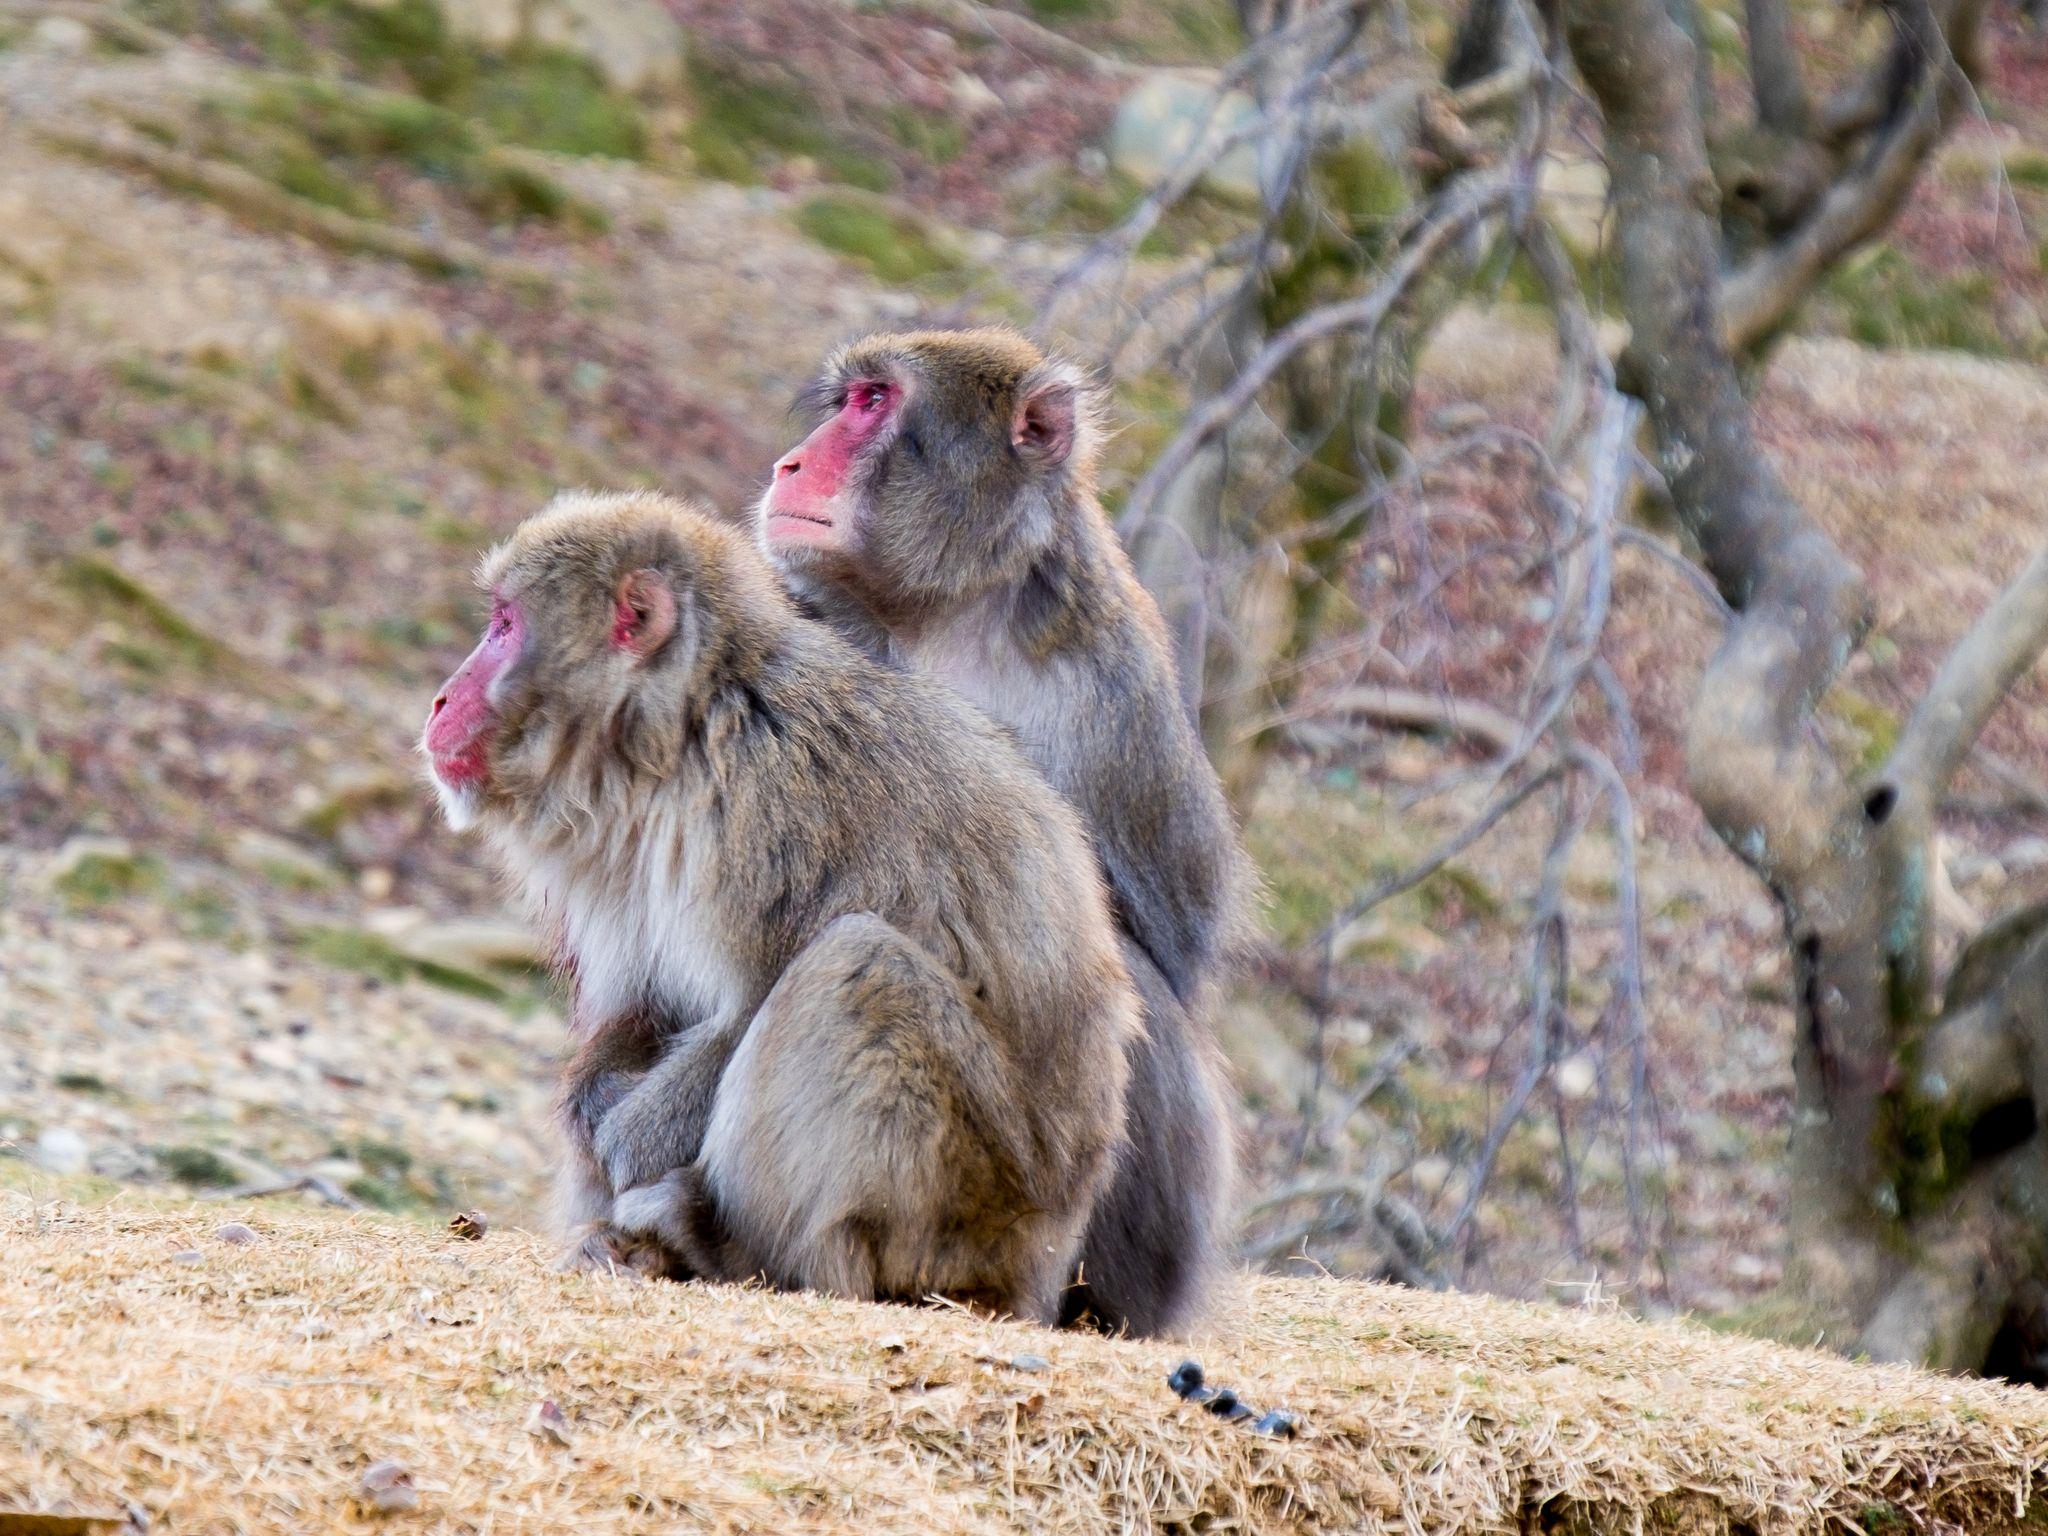 papa and mama monkeys, Iwatayama Monkey Park, Arashiyama